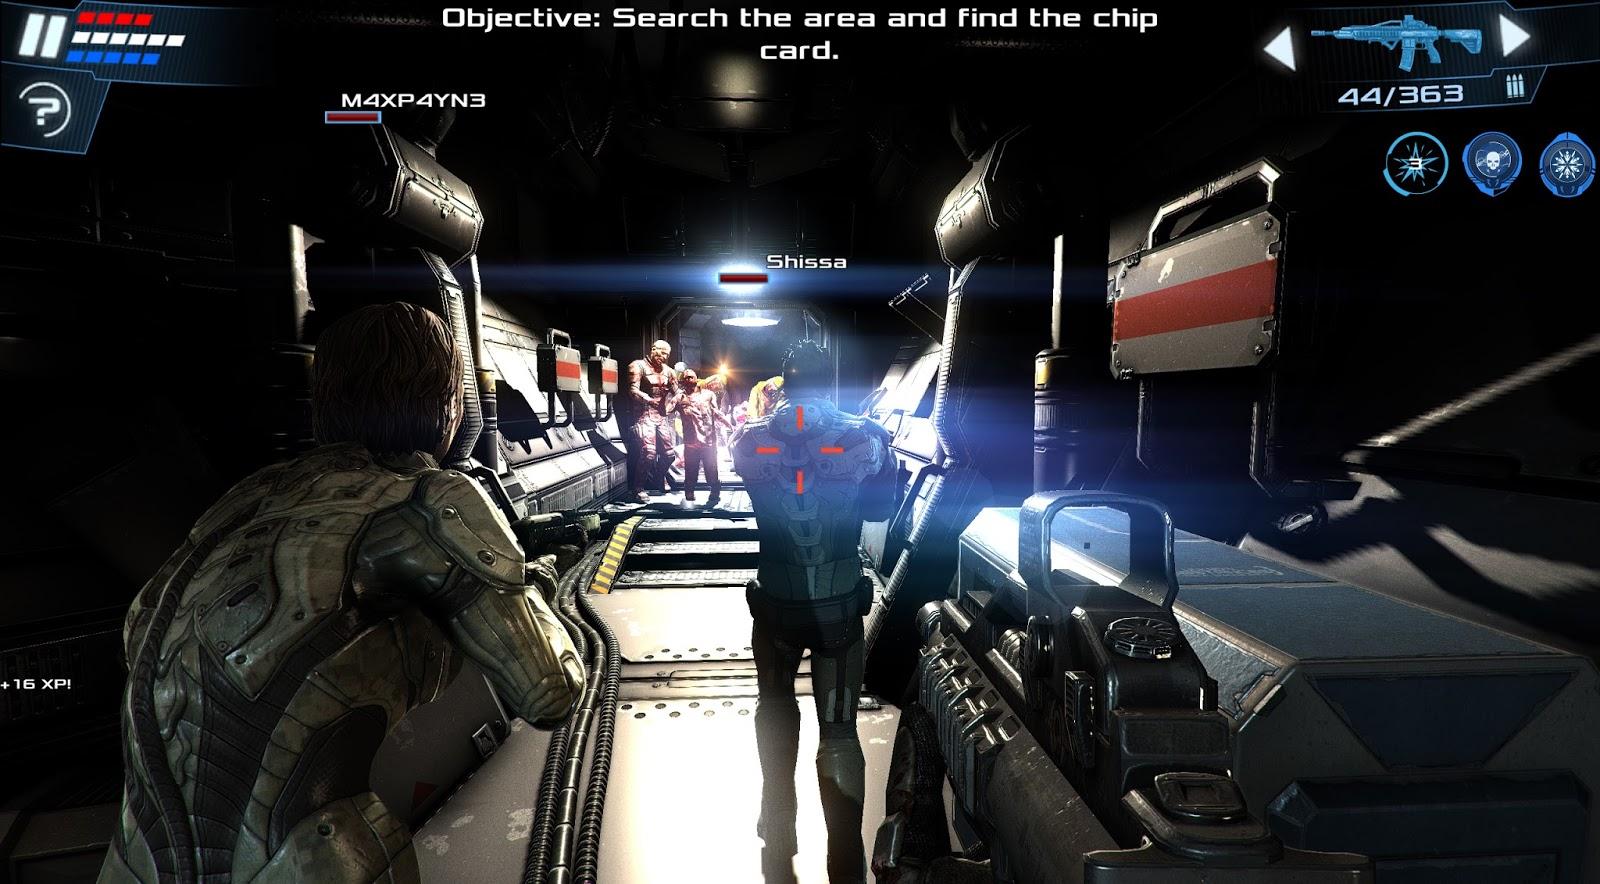 تحميل لعبة dead effect 2 مهكرة للاندرويد